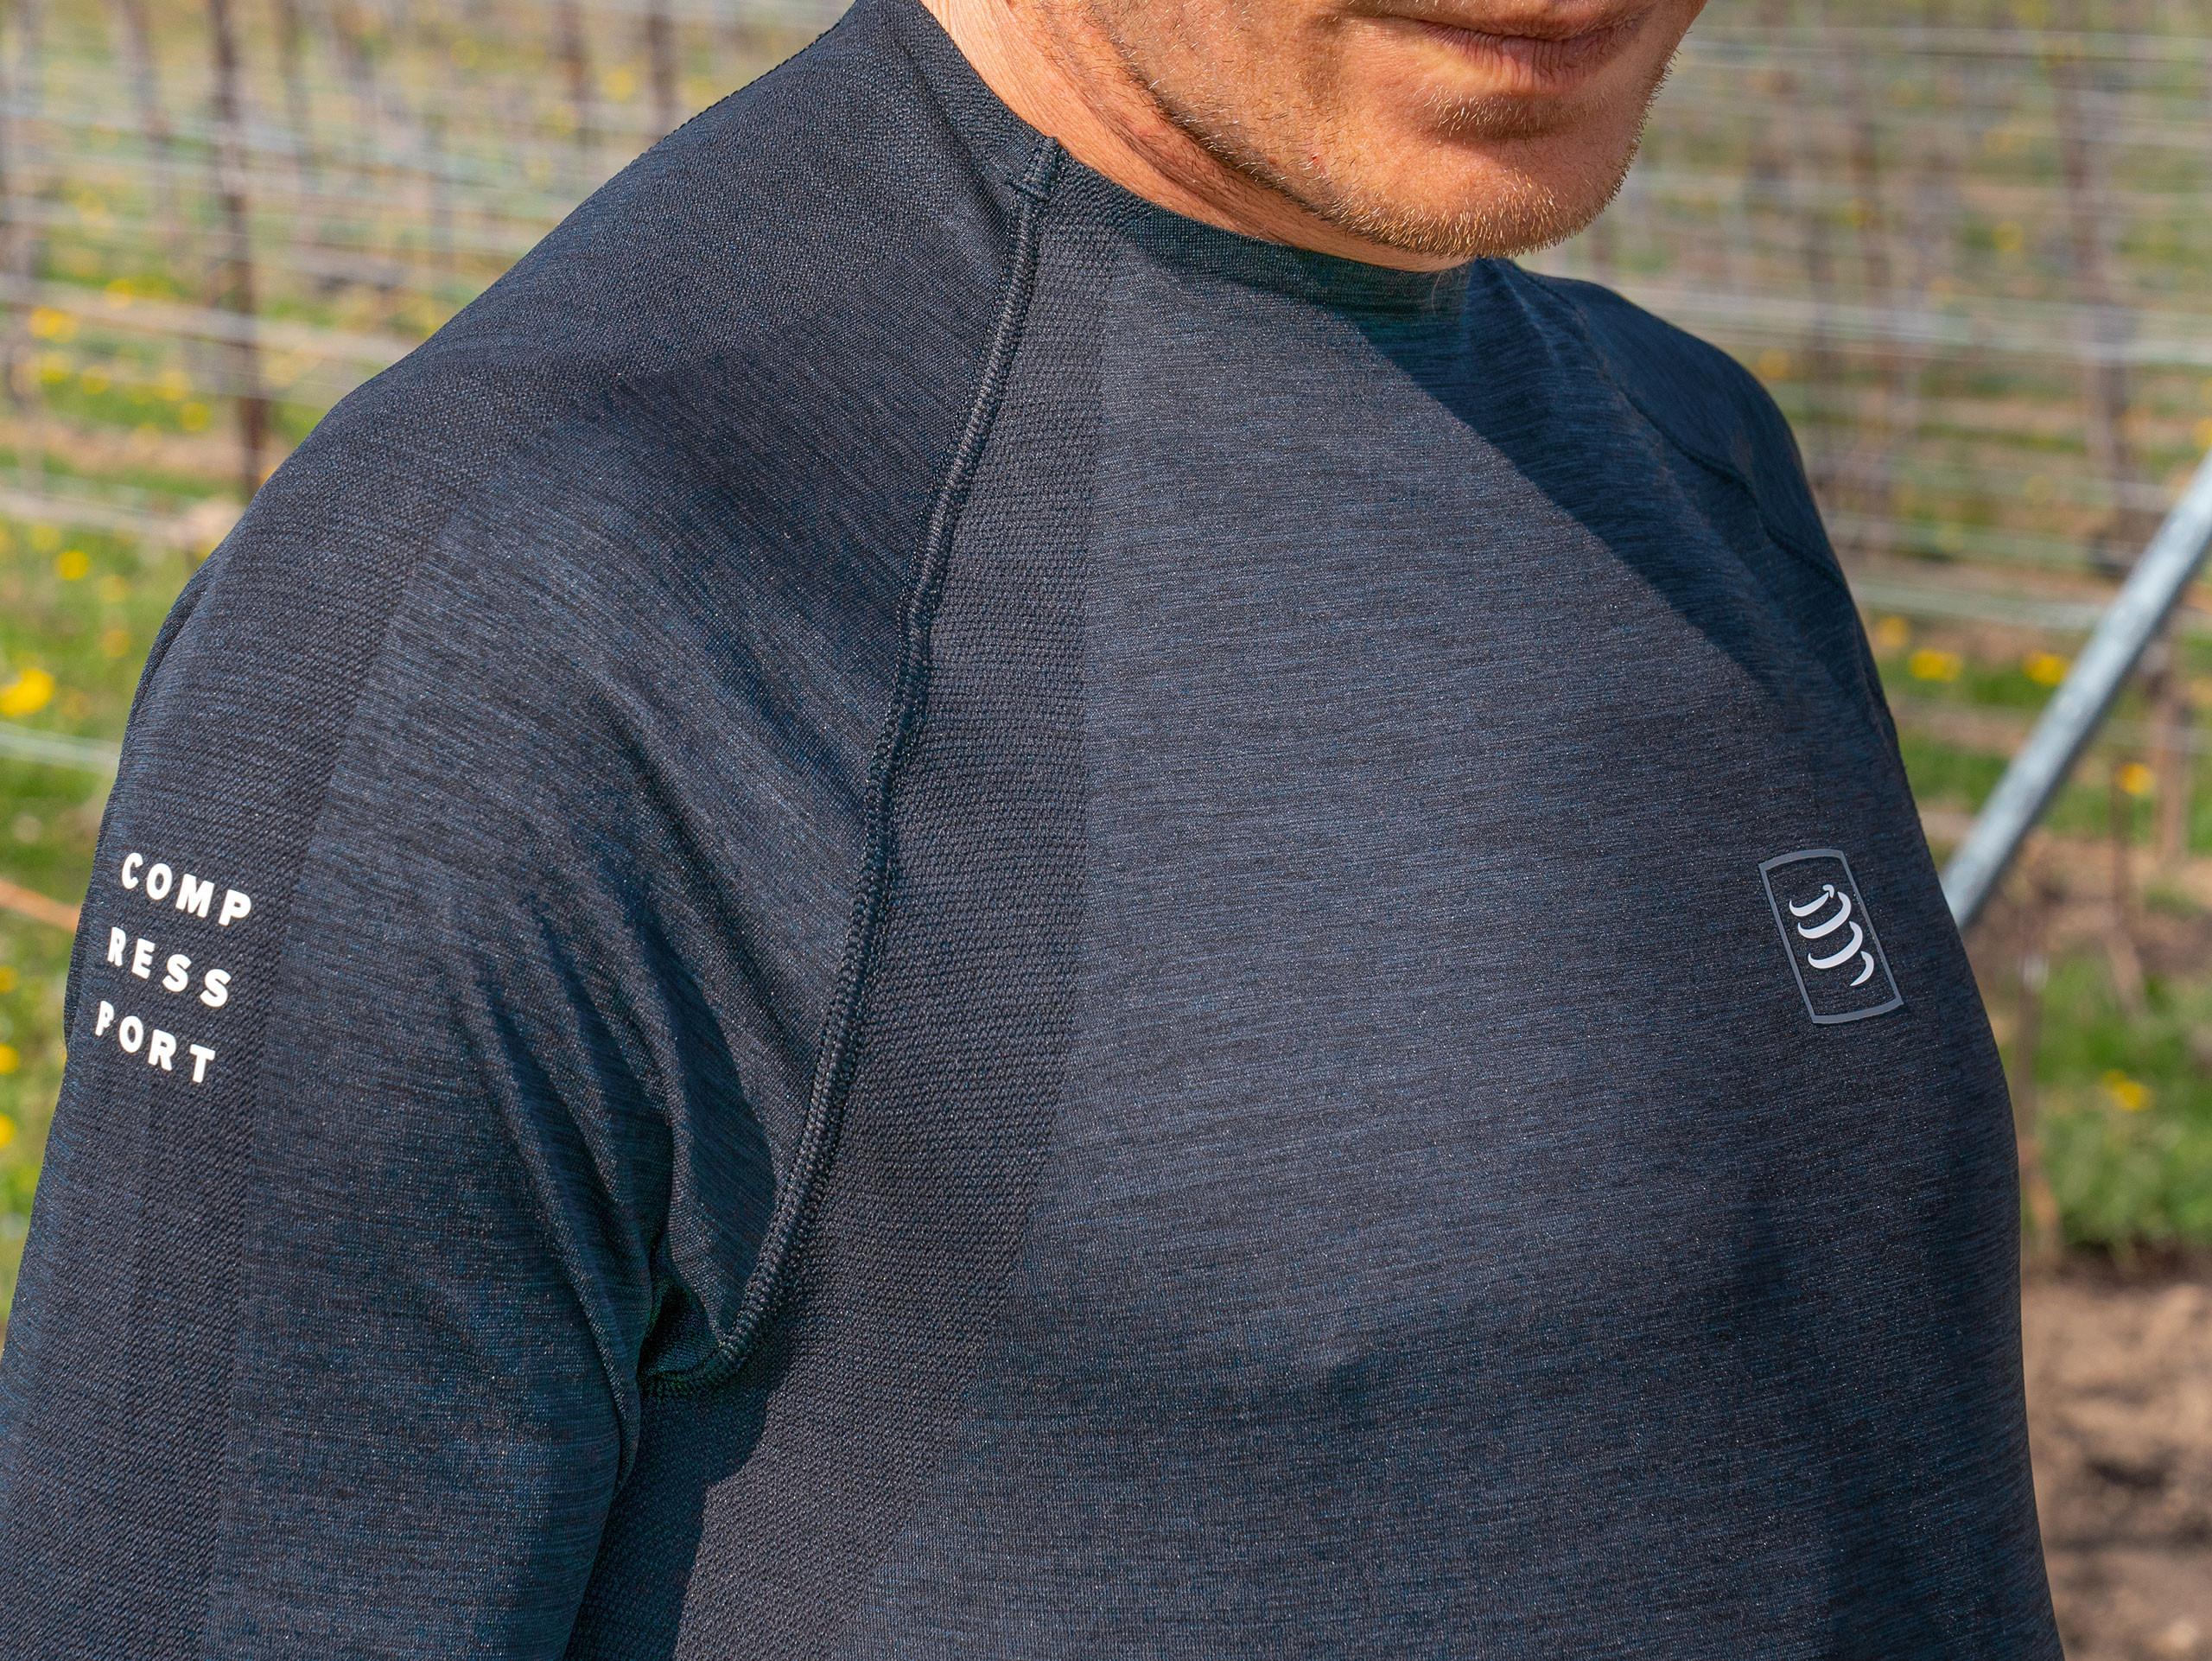 Schwarzes T-Shirt für das Training